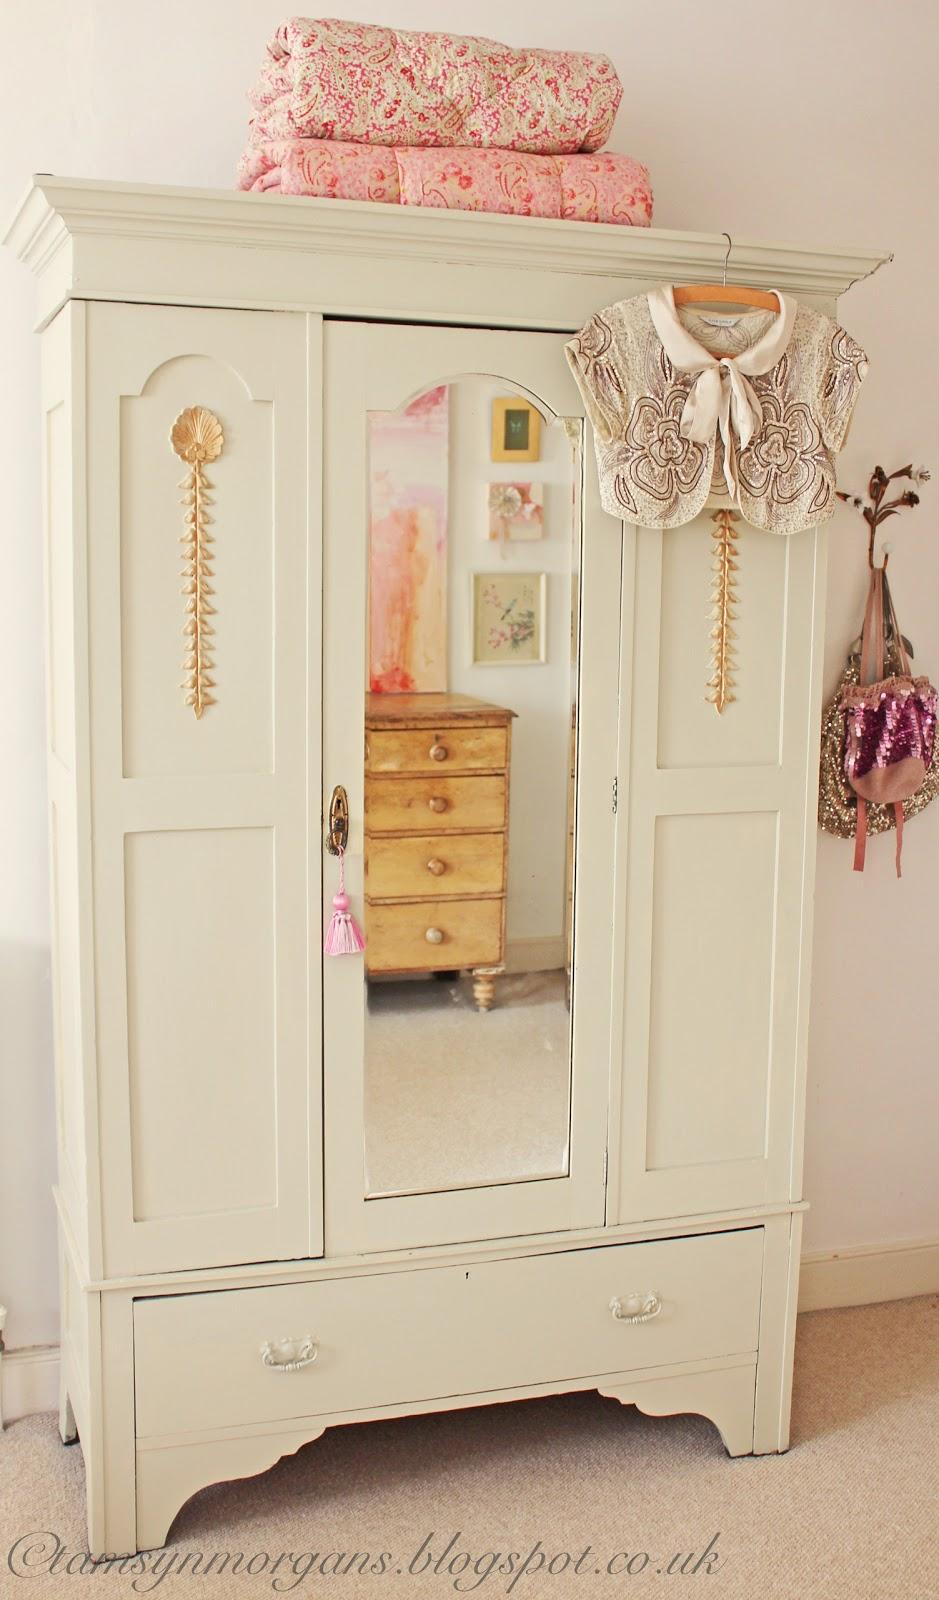 My shabby chic wardrobe…